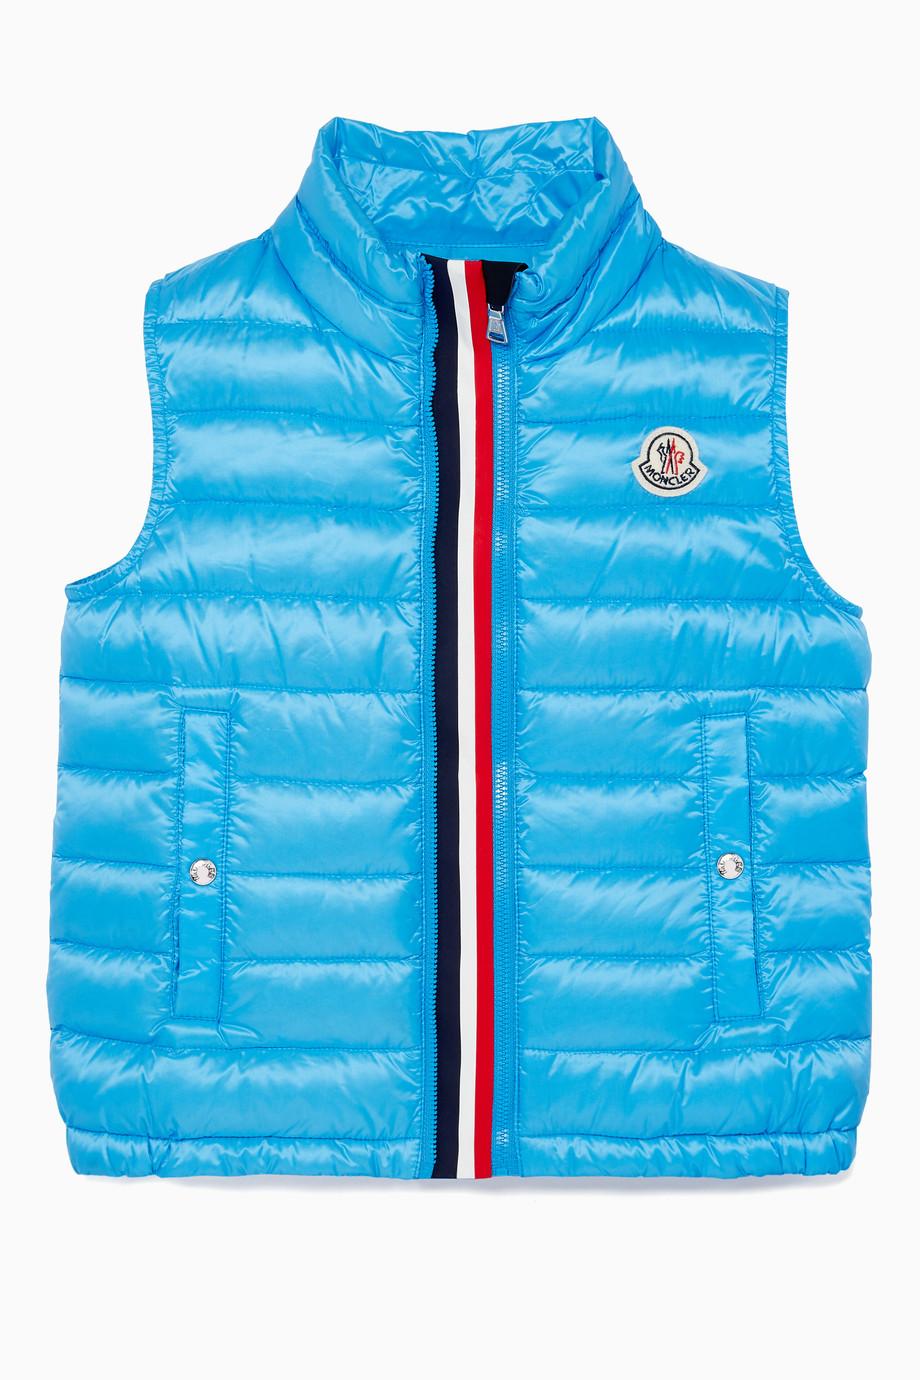 cfaf1eac3983 Shop Moncler Blue Blue Feather-Quilted Vest for Kids